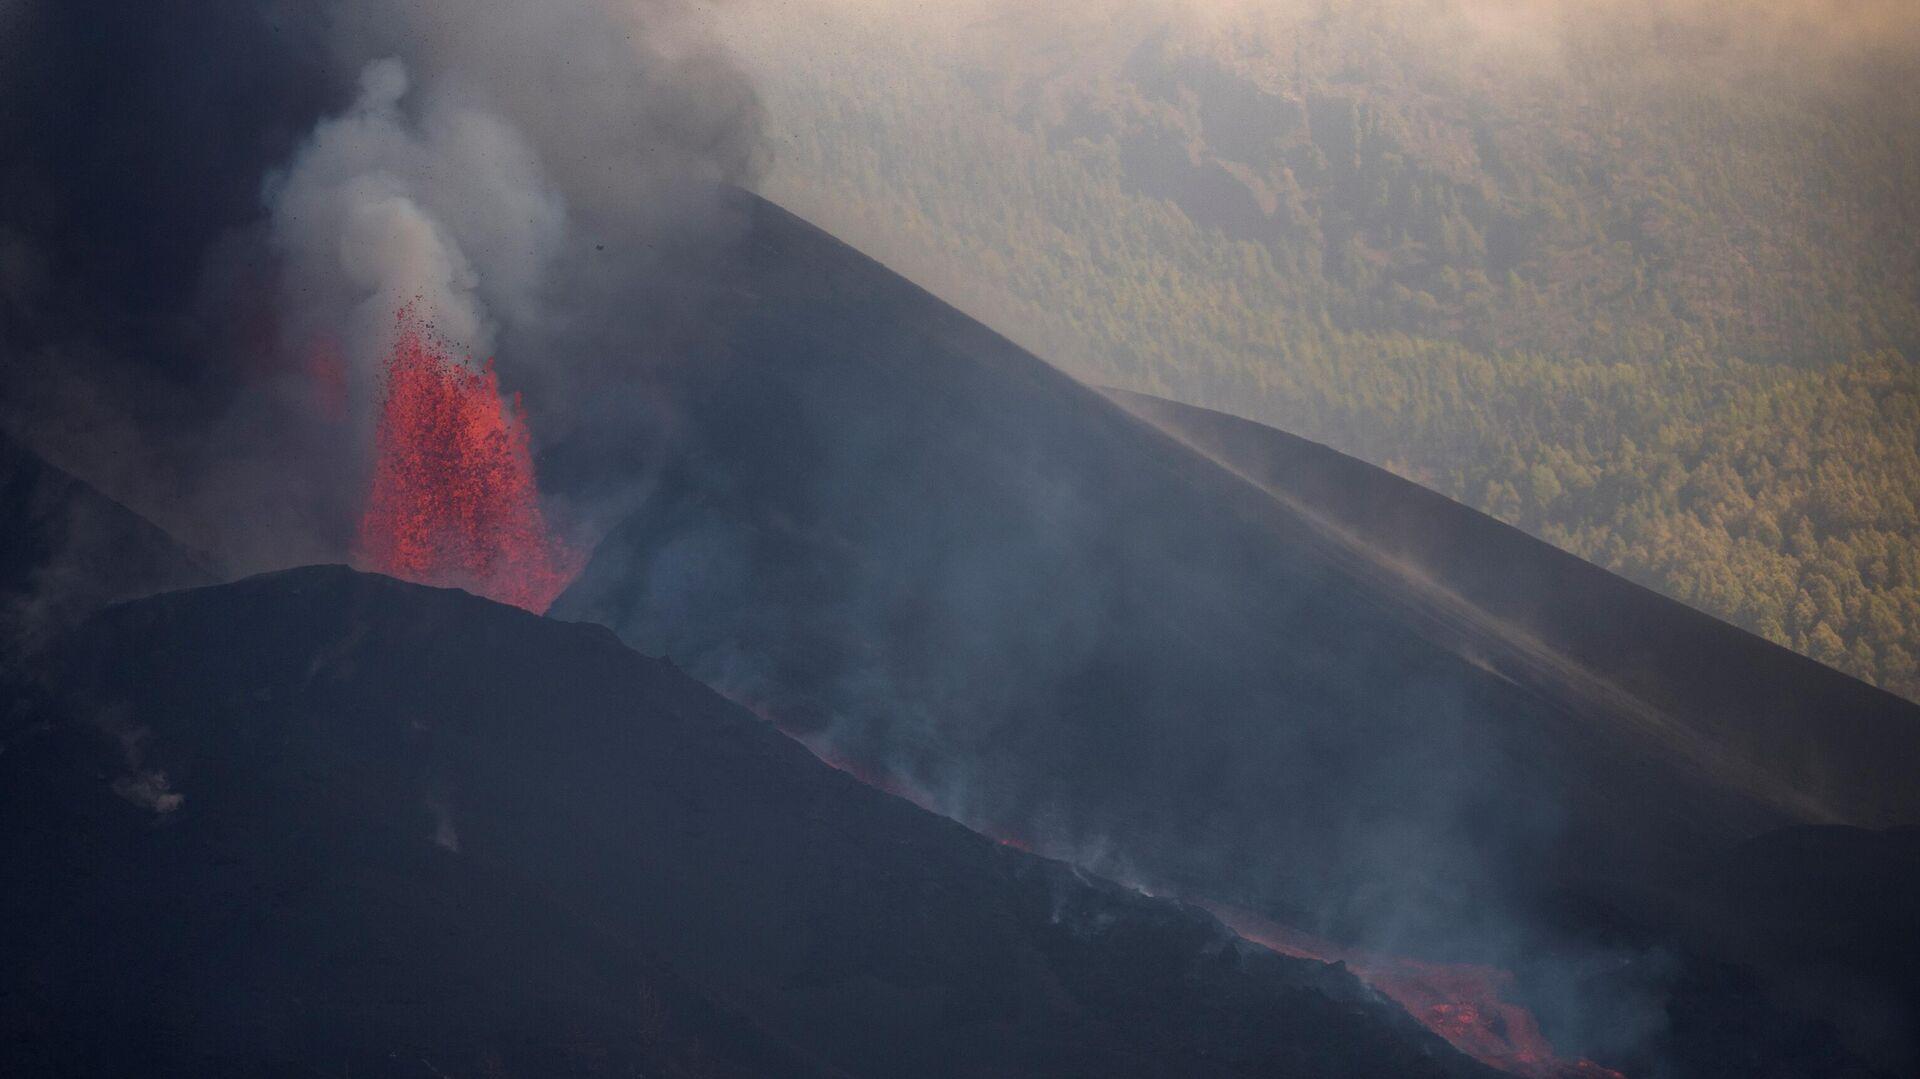 Erupción del volcán de Cumbre Vieja (La Palma) - Sputnik Mundo, 1920, 08.10.2021